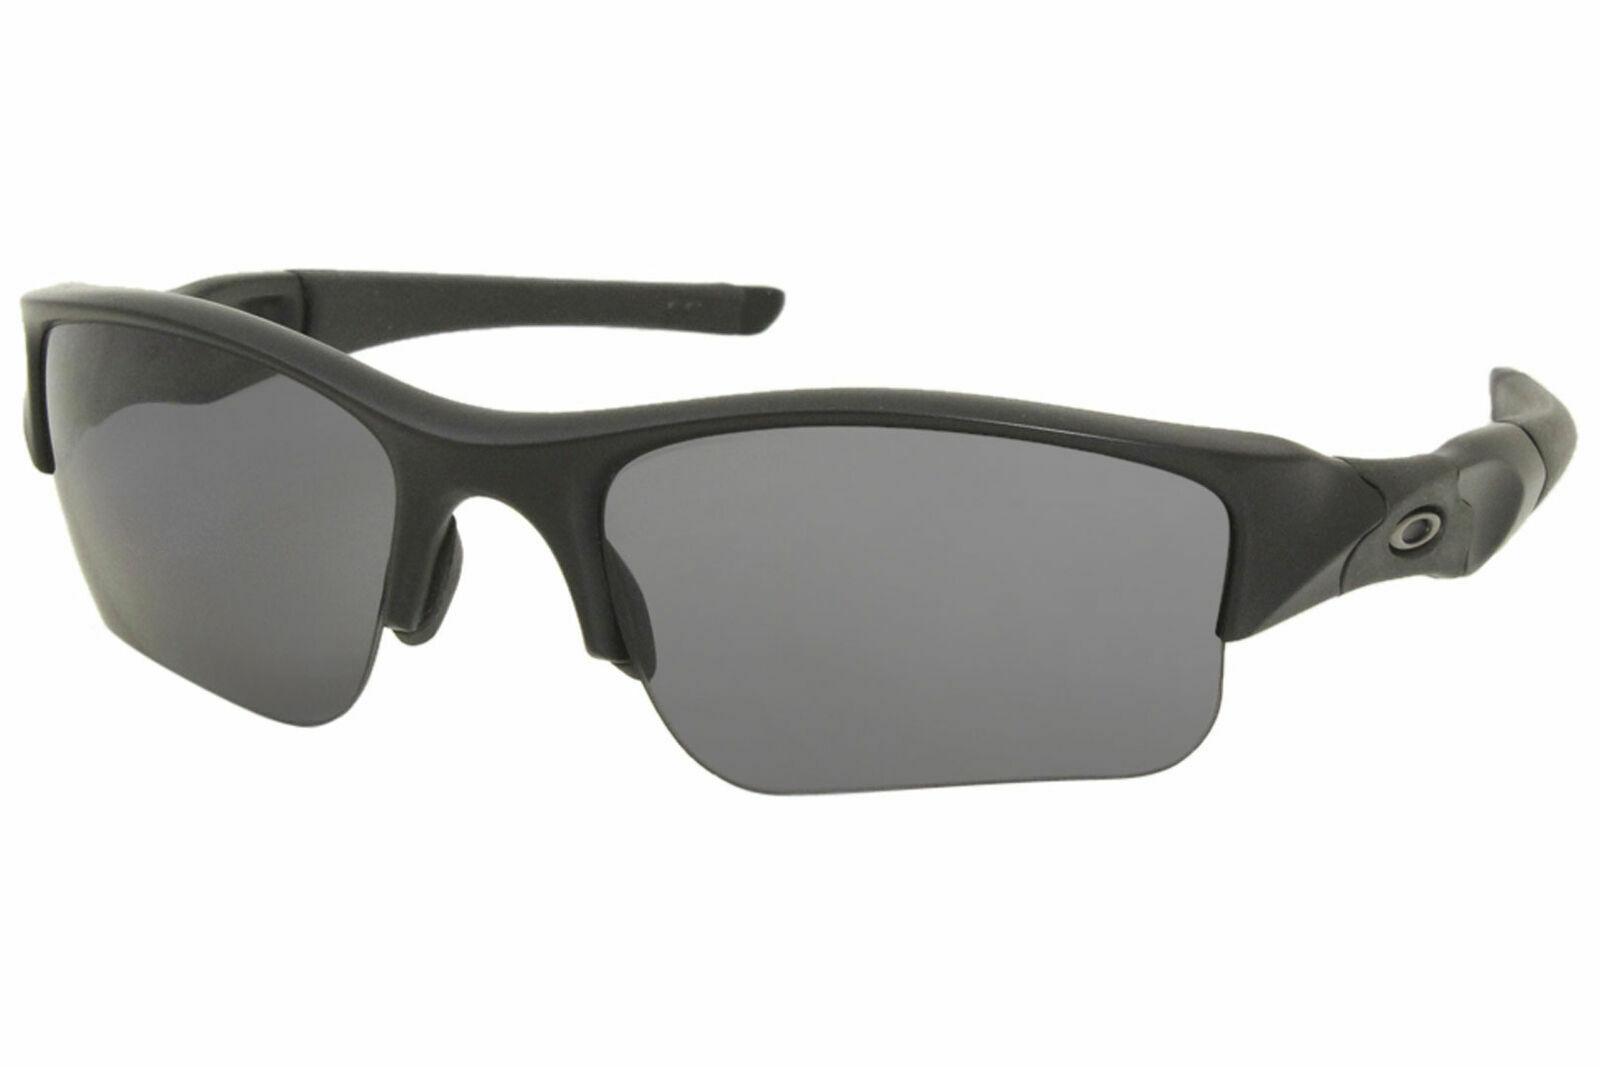 oakley-si-flak-jacket-xlj-matte-black-gray-polarized-lenses-oo9009-11-435